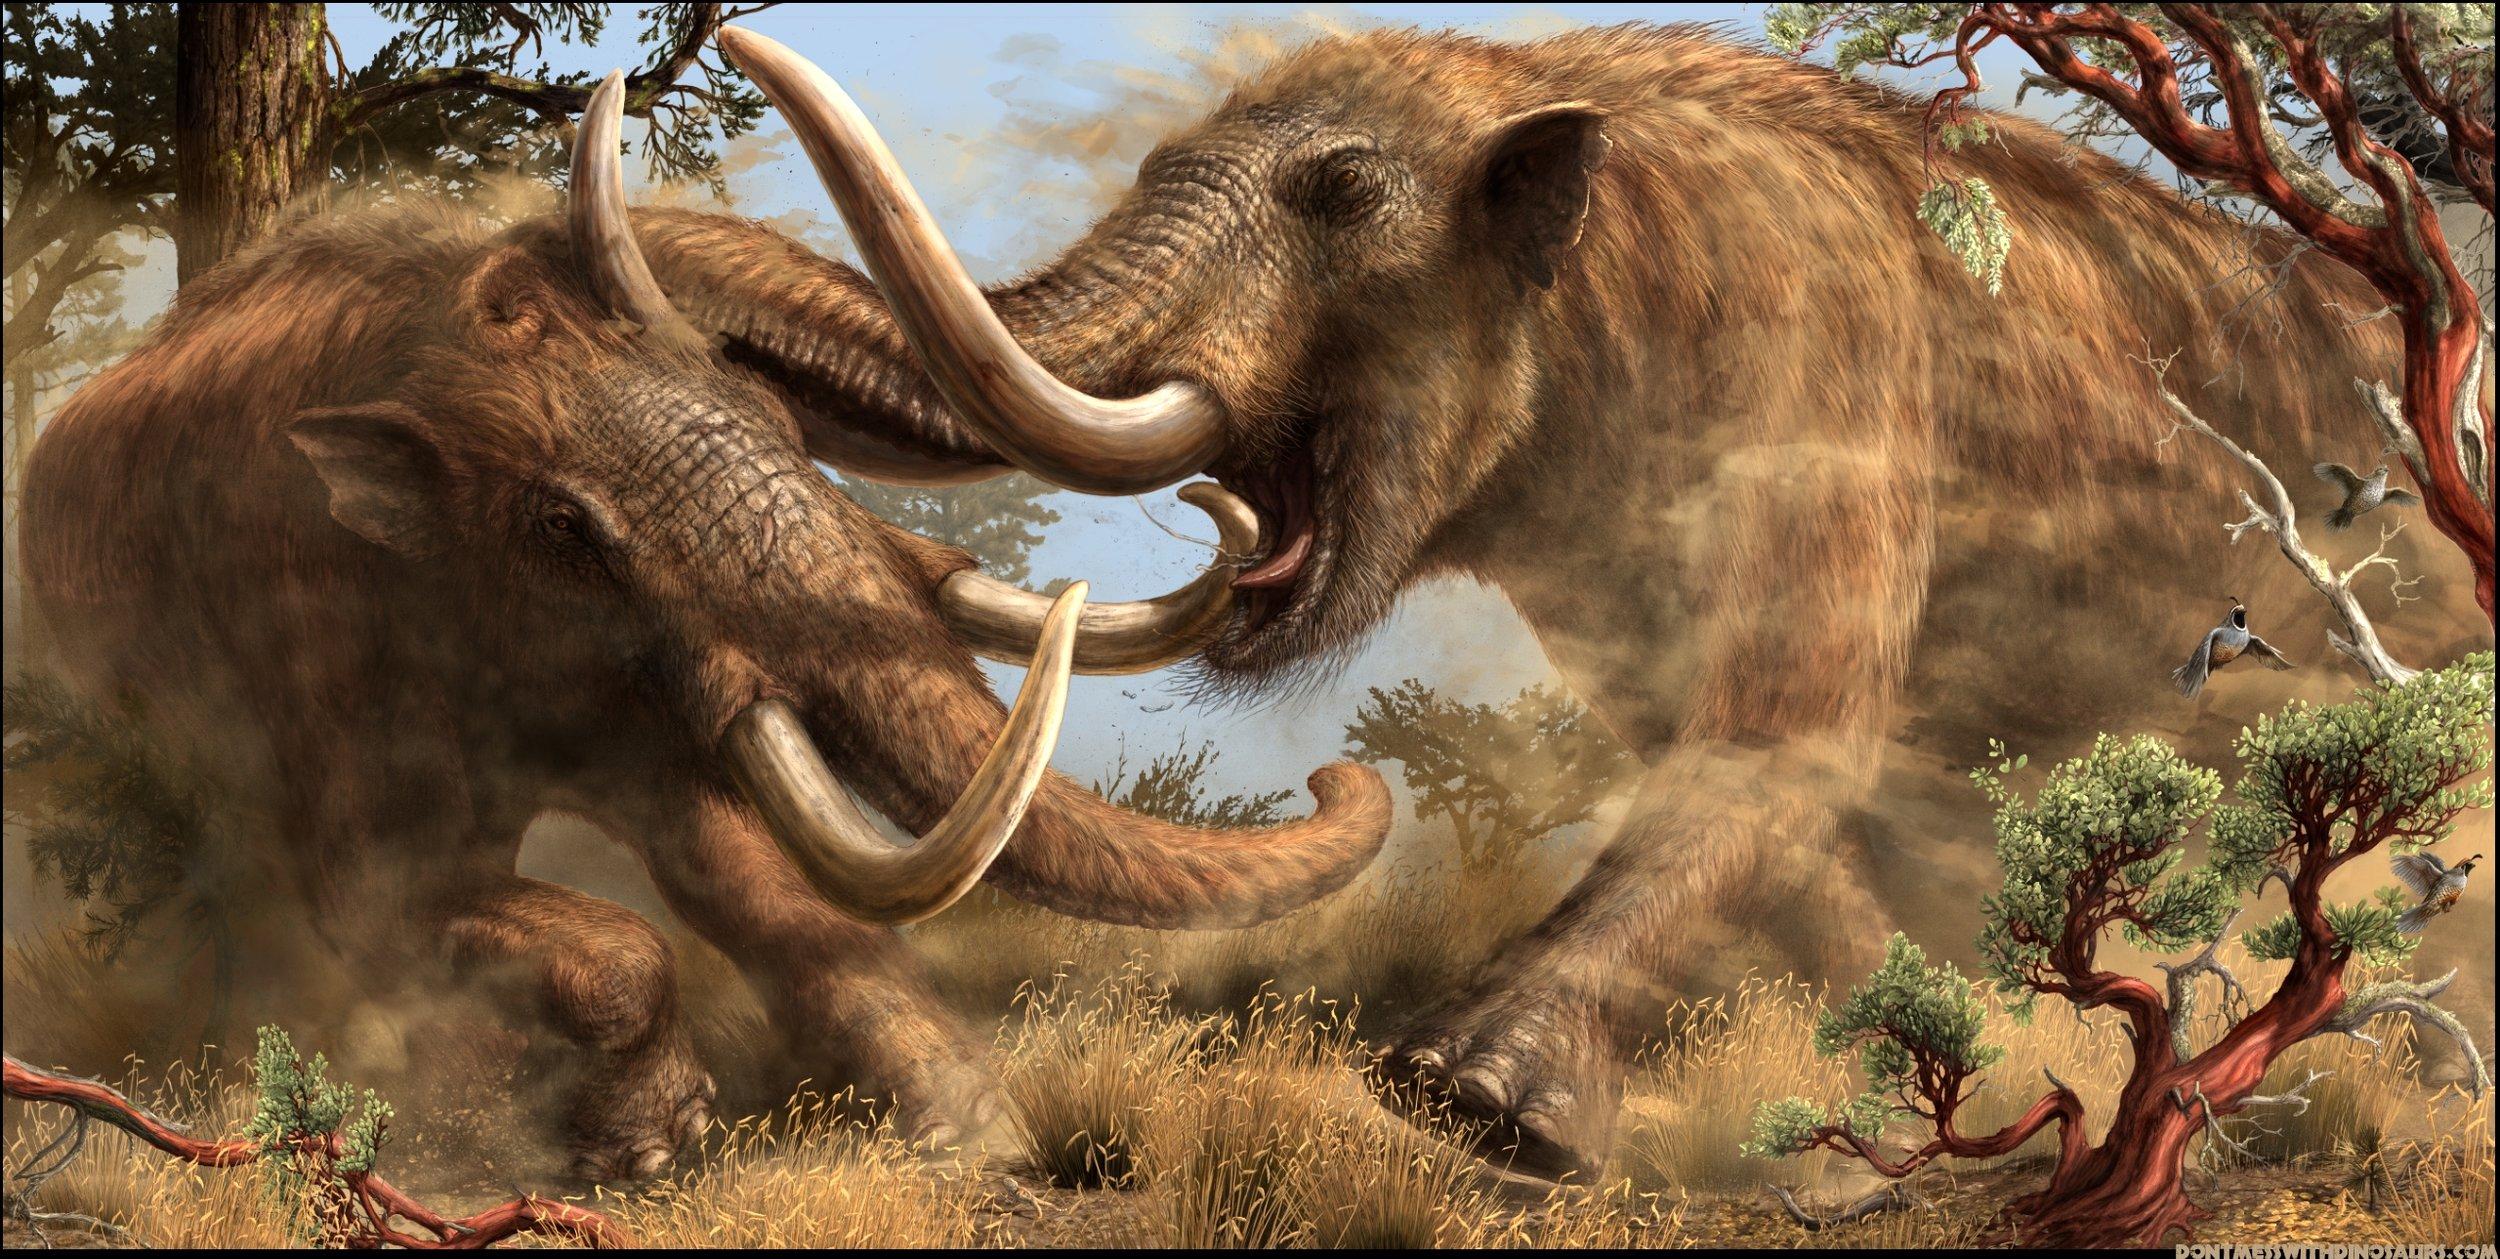 MastodonsForFinalPproval (2).jpg